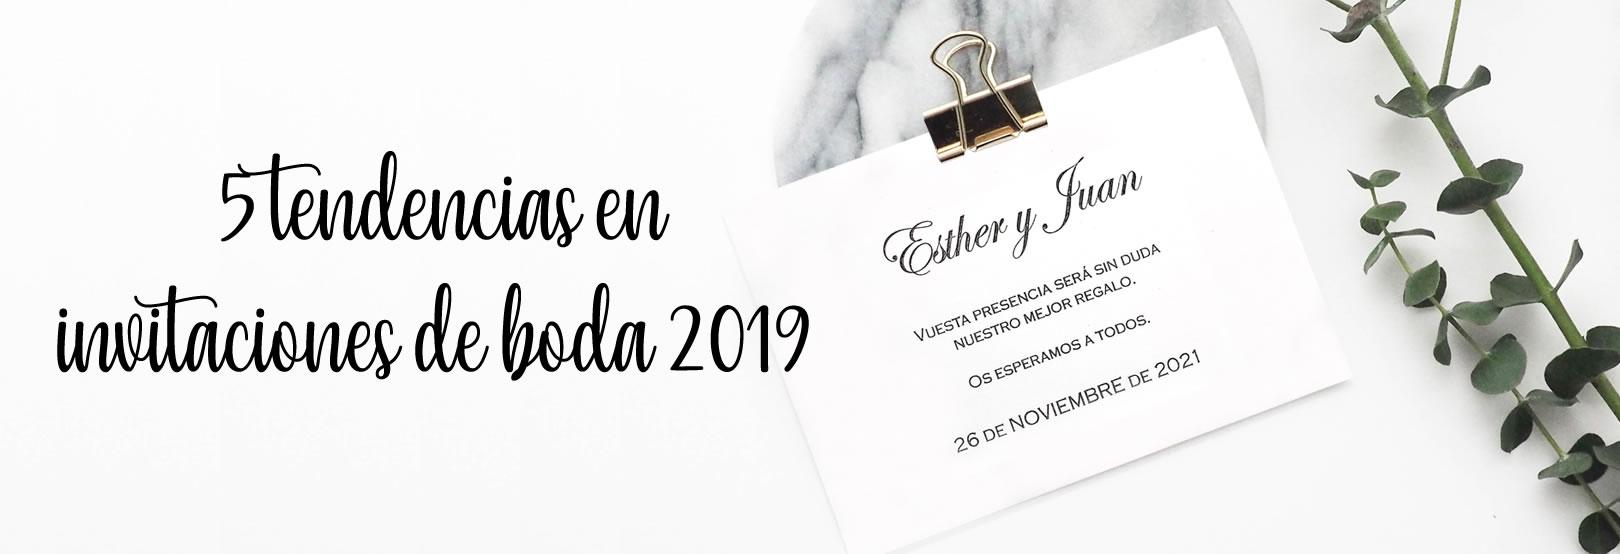 f8b05a5d2 5 tendencias en invitaciones de boda para 2019